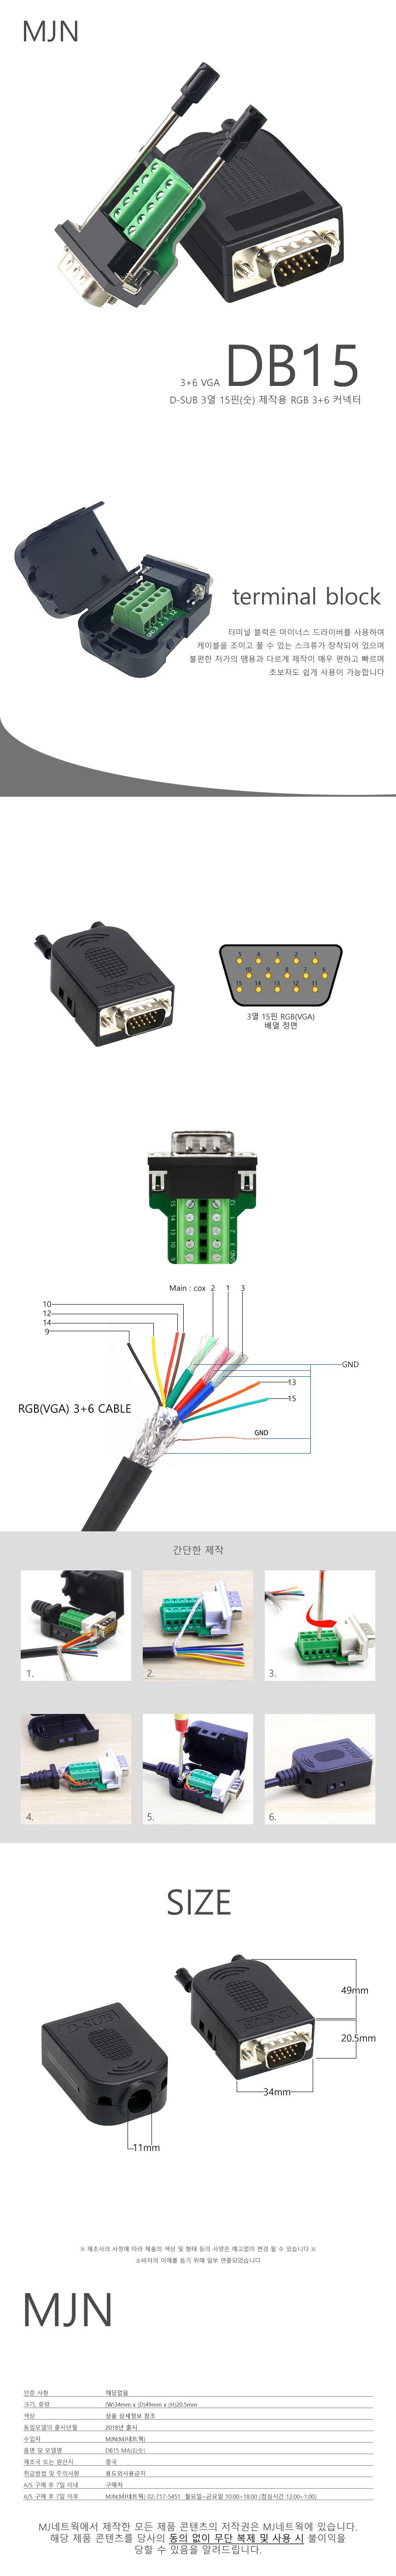 MJ네트웍 MJN DB15M 터미널 방식 RGB 3열 15핀 후드일체형 (수)